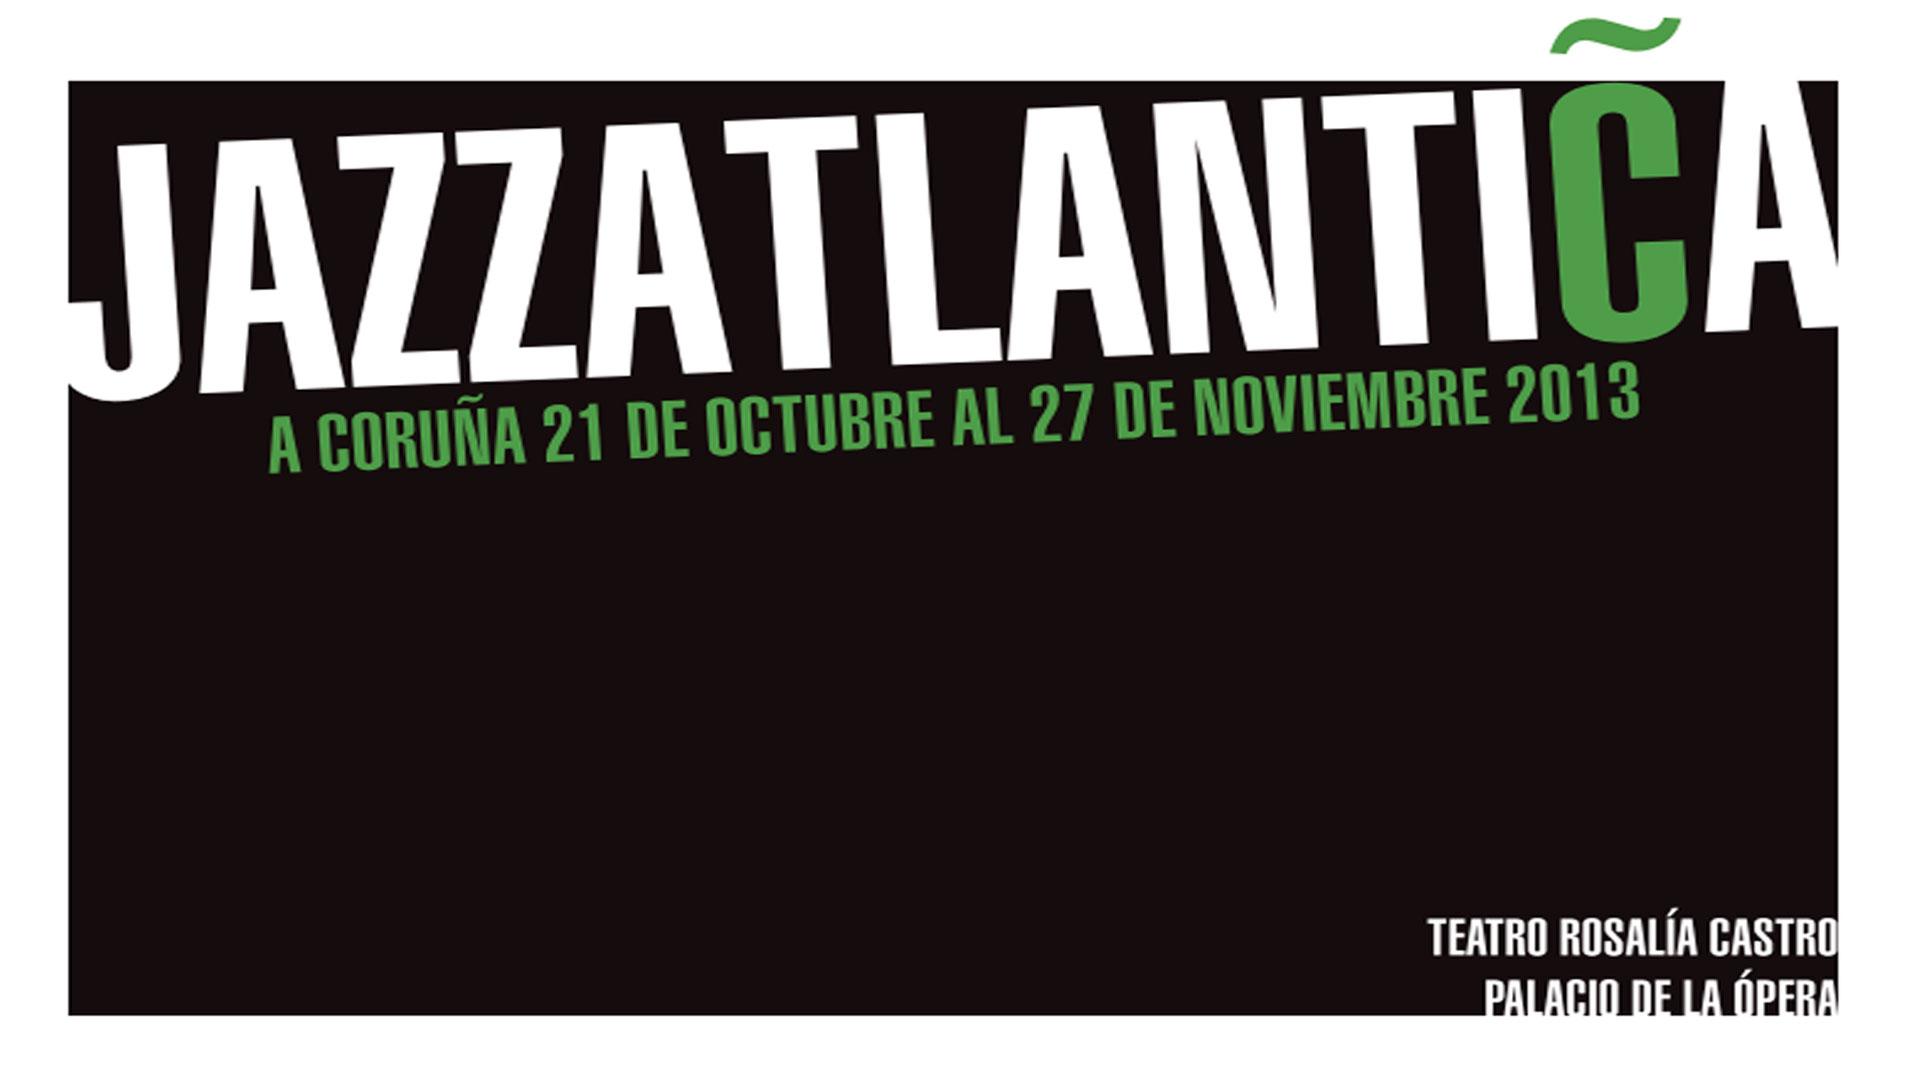 A Coruña celebra su festival Jazzatlantica 2013 con once conciertos de primer nivel y más presencia de artistas gallegos